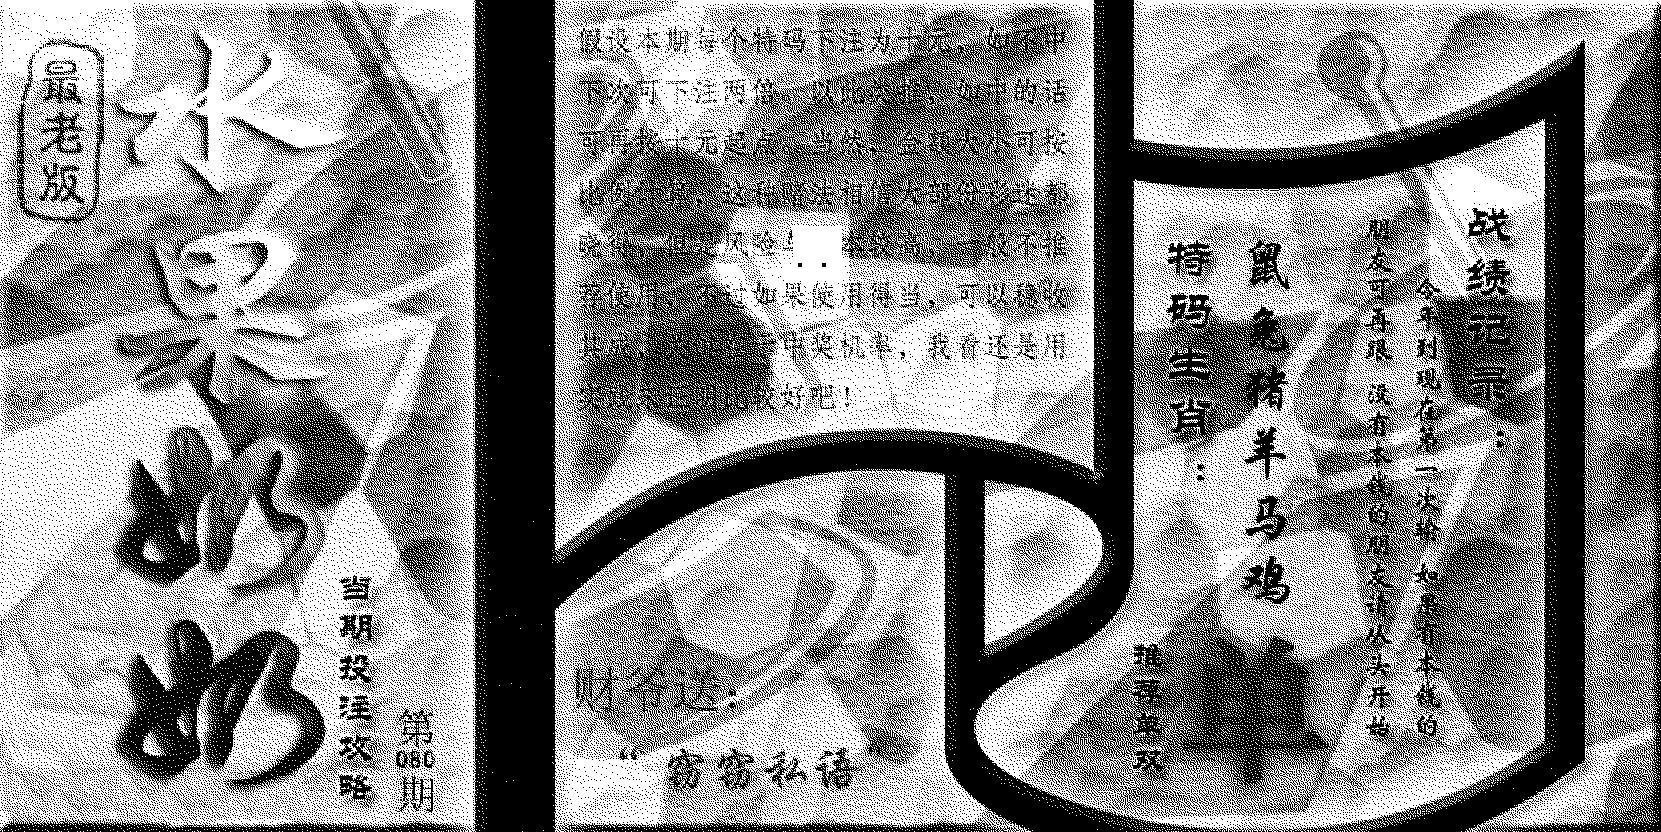 080期(九龙单双攻略)老版(黑白)